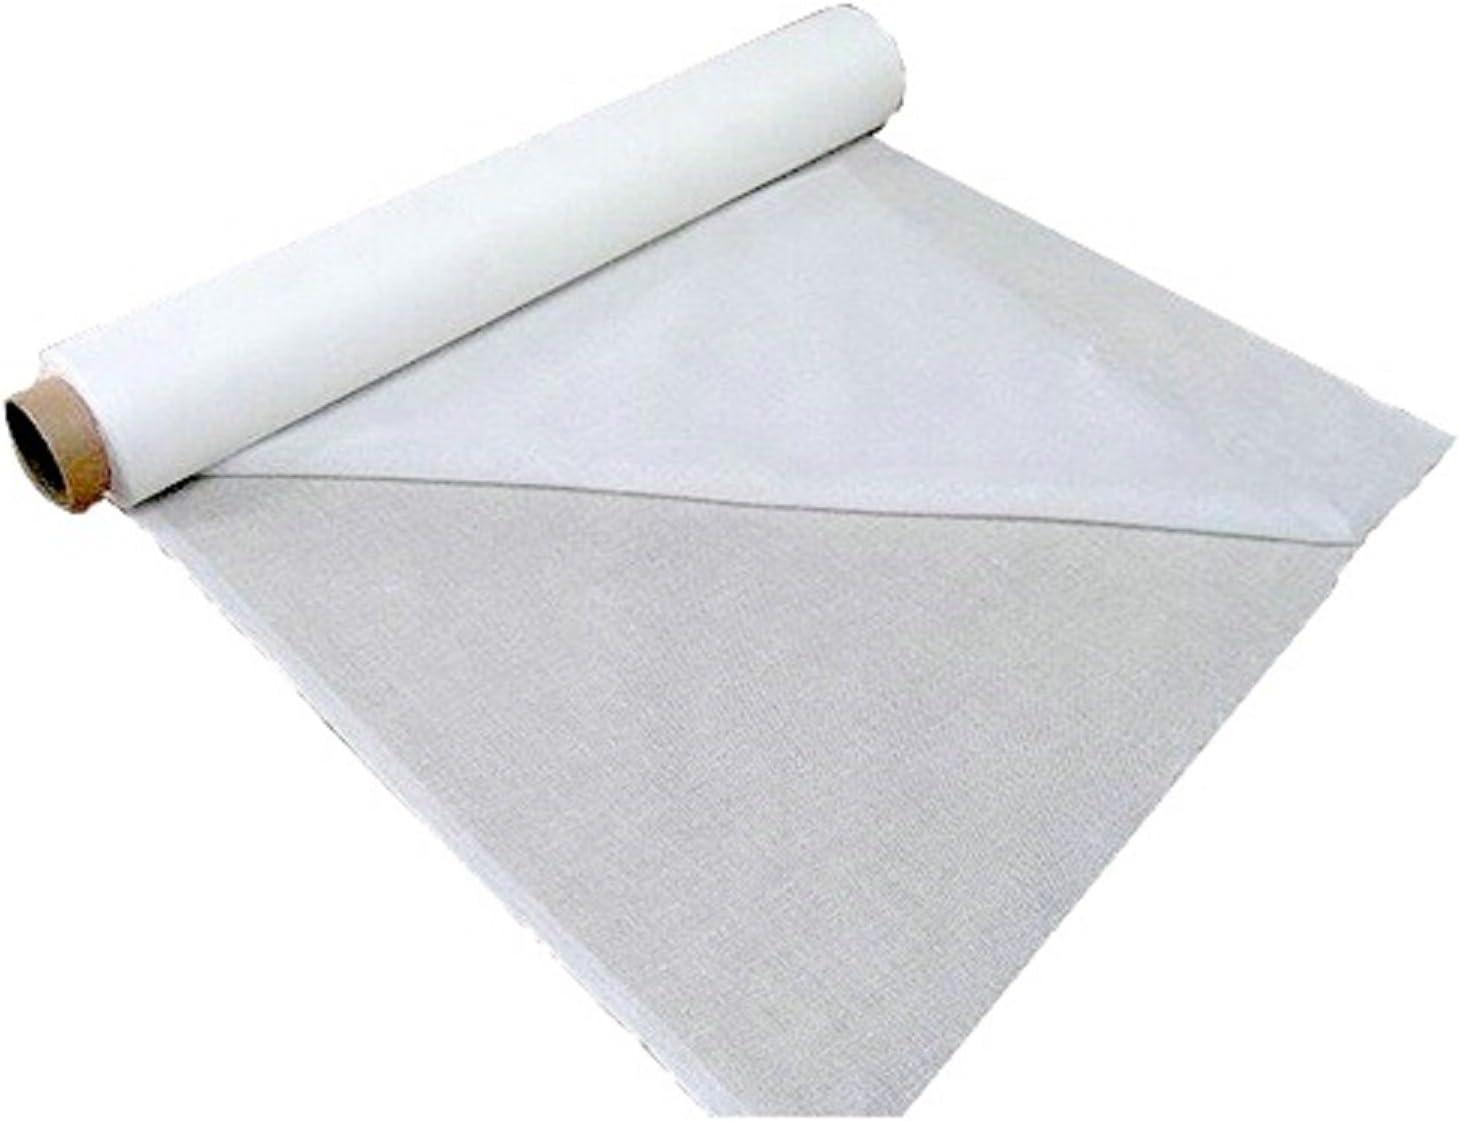 Roomserve 100% Muselina de algodón – Rollo de 50 m: Amazon.es: Hogar